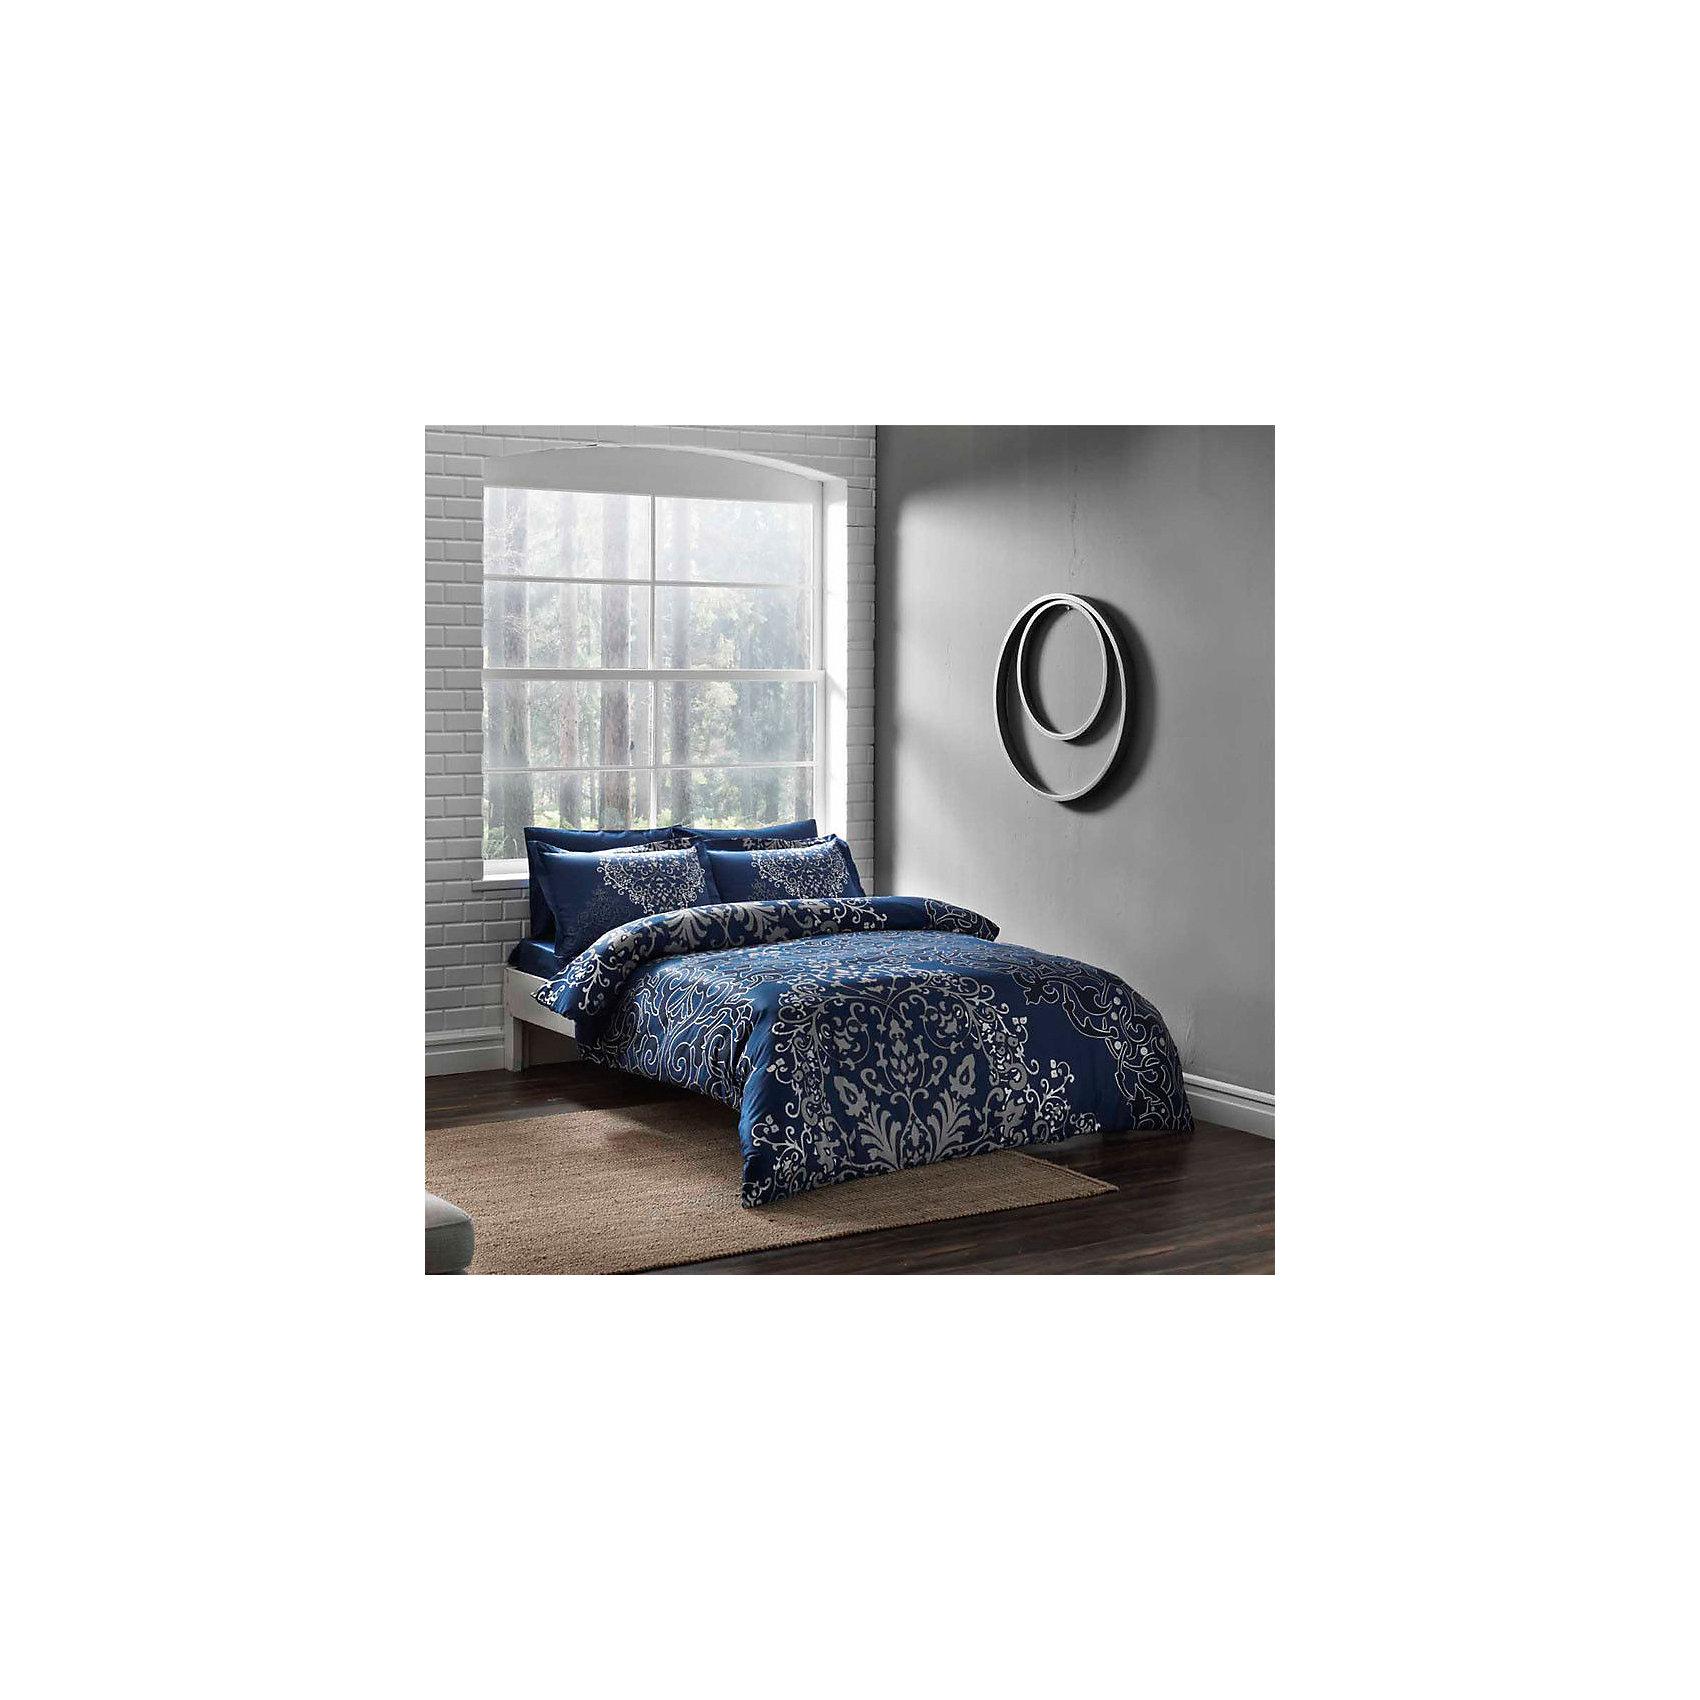 TAC Постельное белье 1,5 Fabia, сатин, TAC, синий постельное белье tac в спб